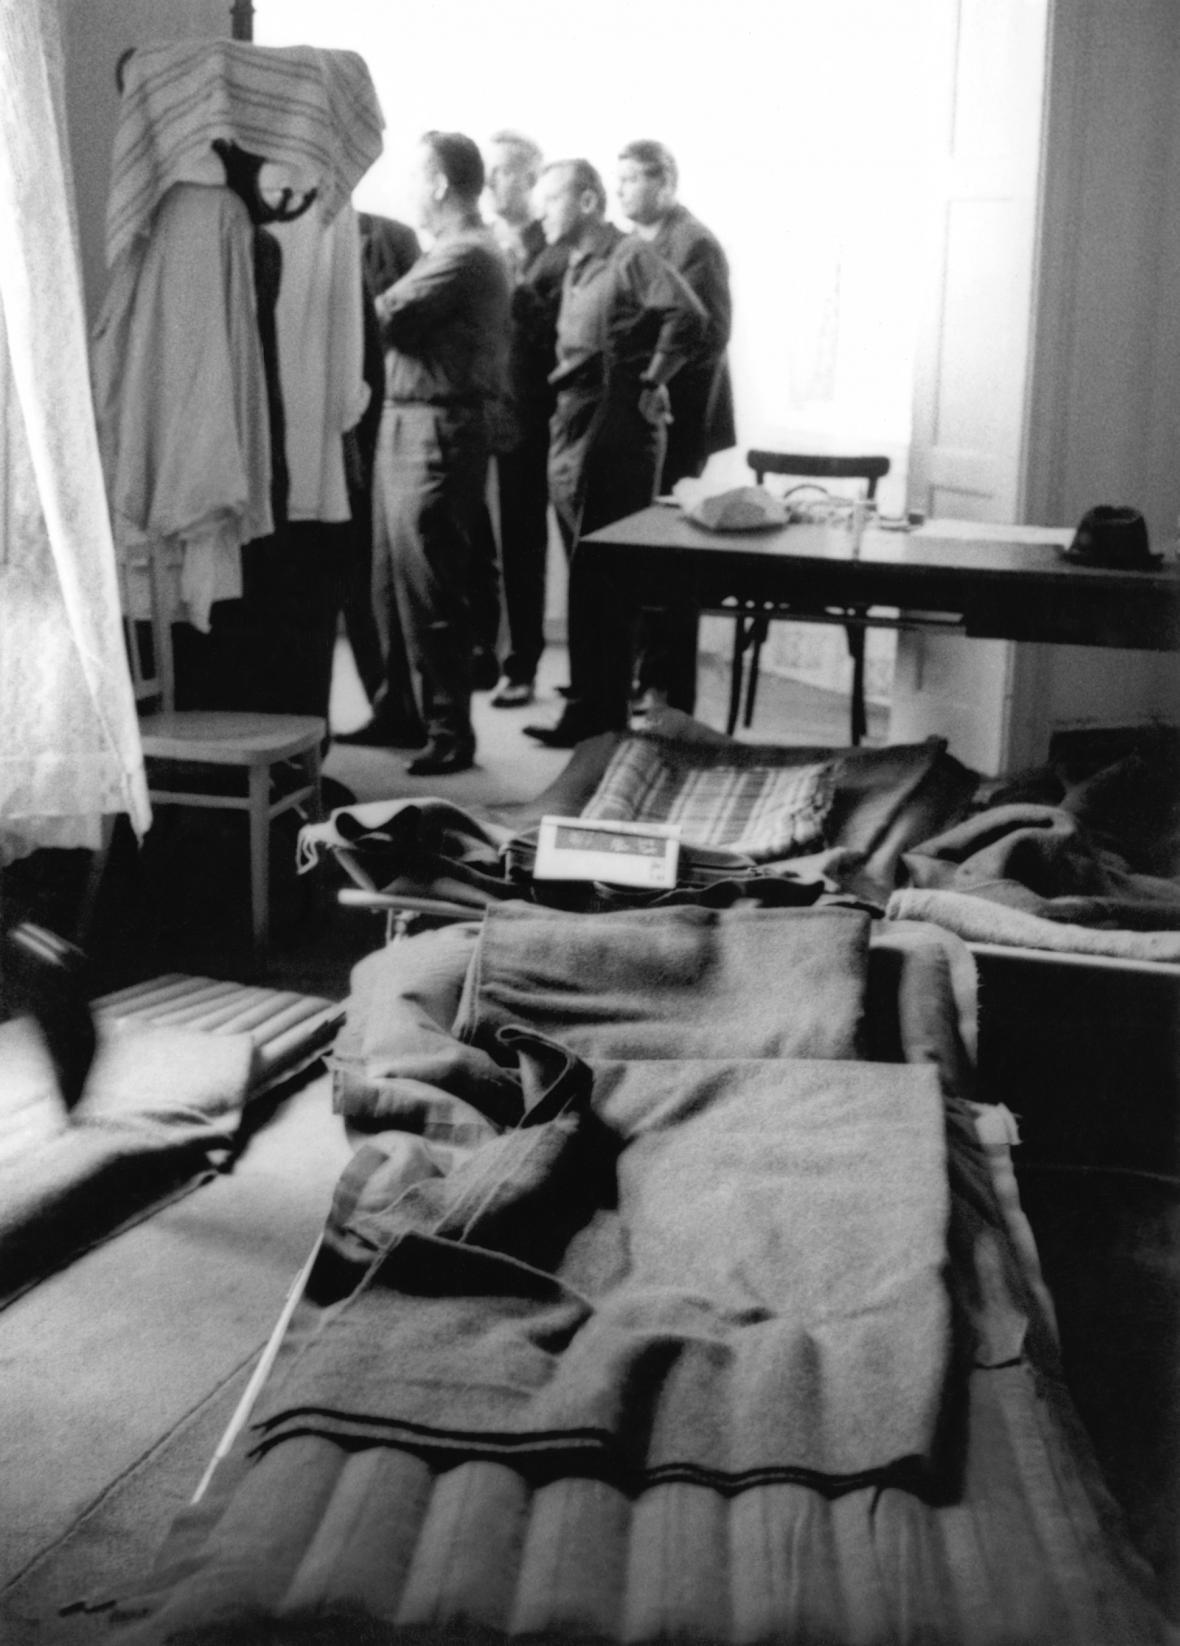 Poslanci přespávající v budově parlamentu, srpen 1968